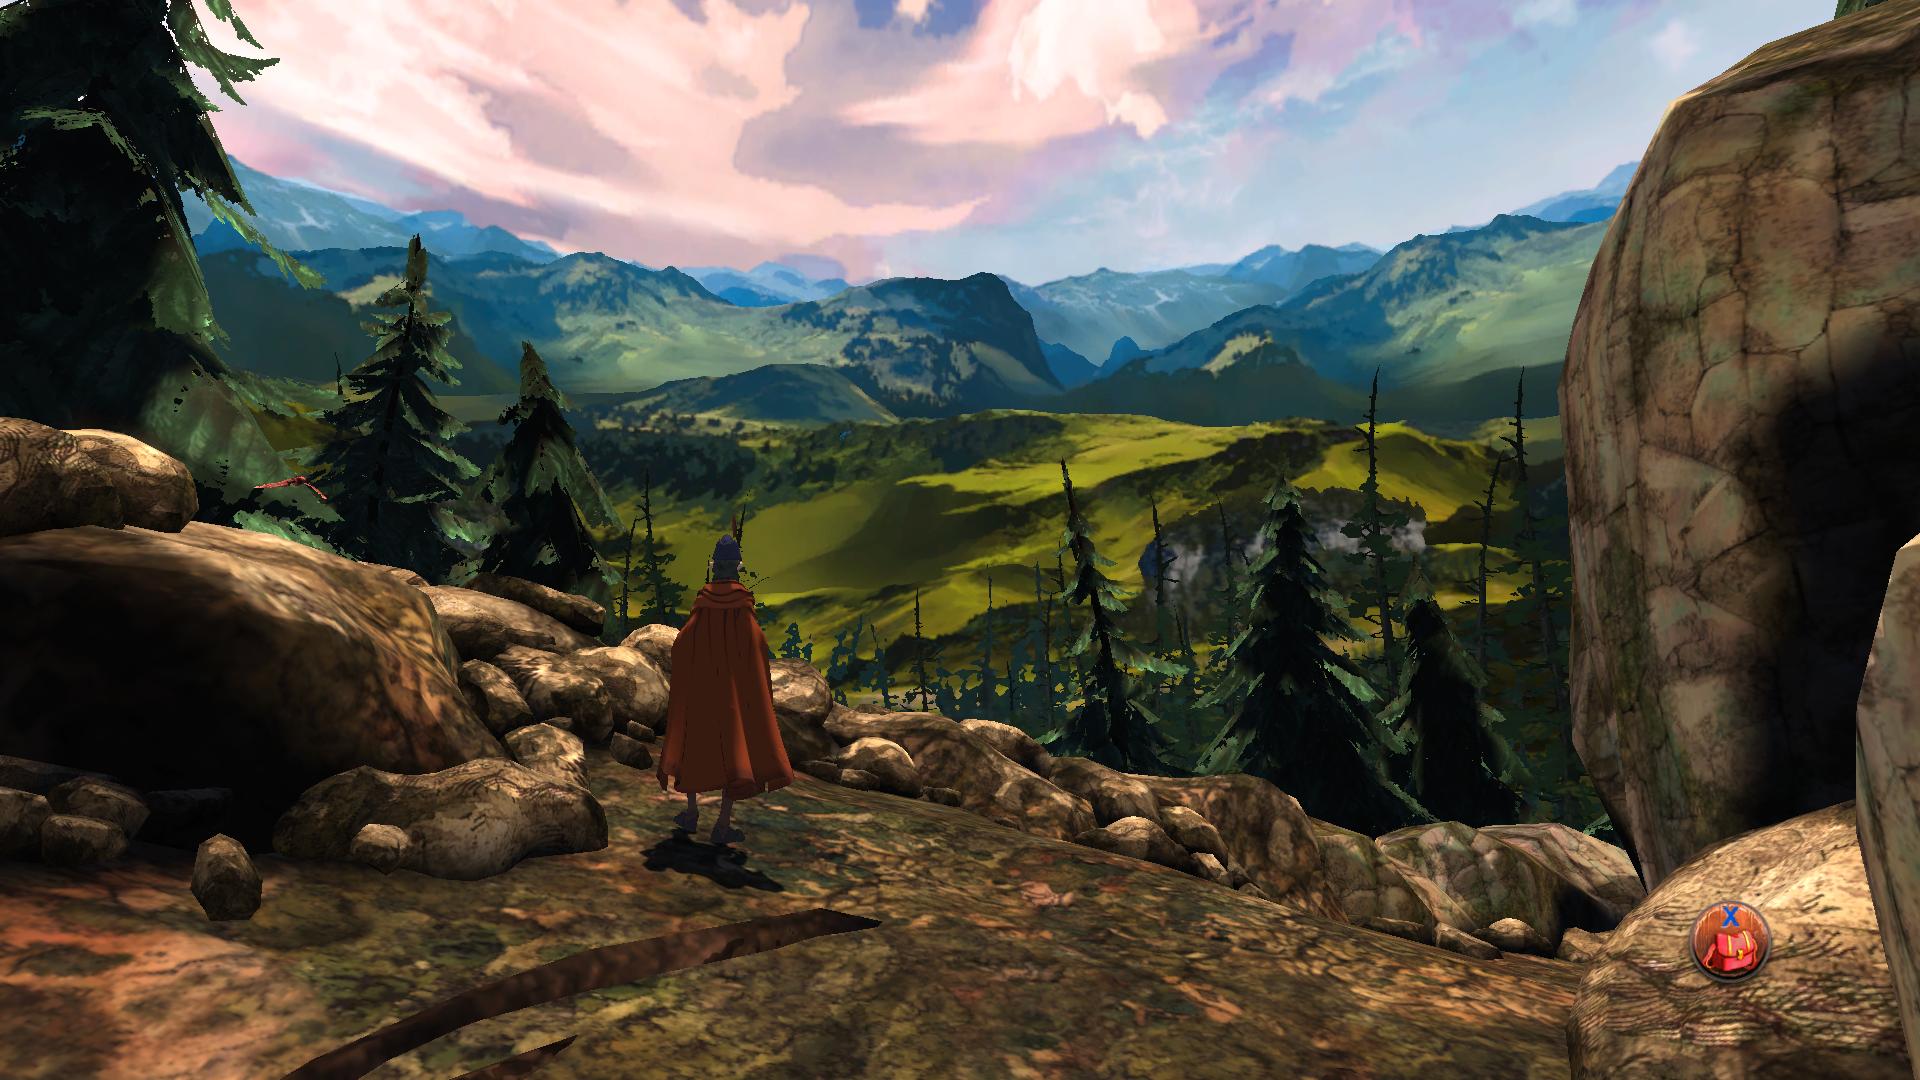 kings quest ch1 landscape screen